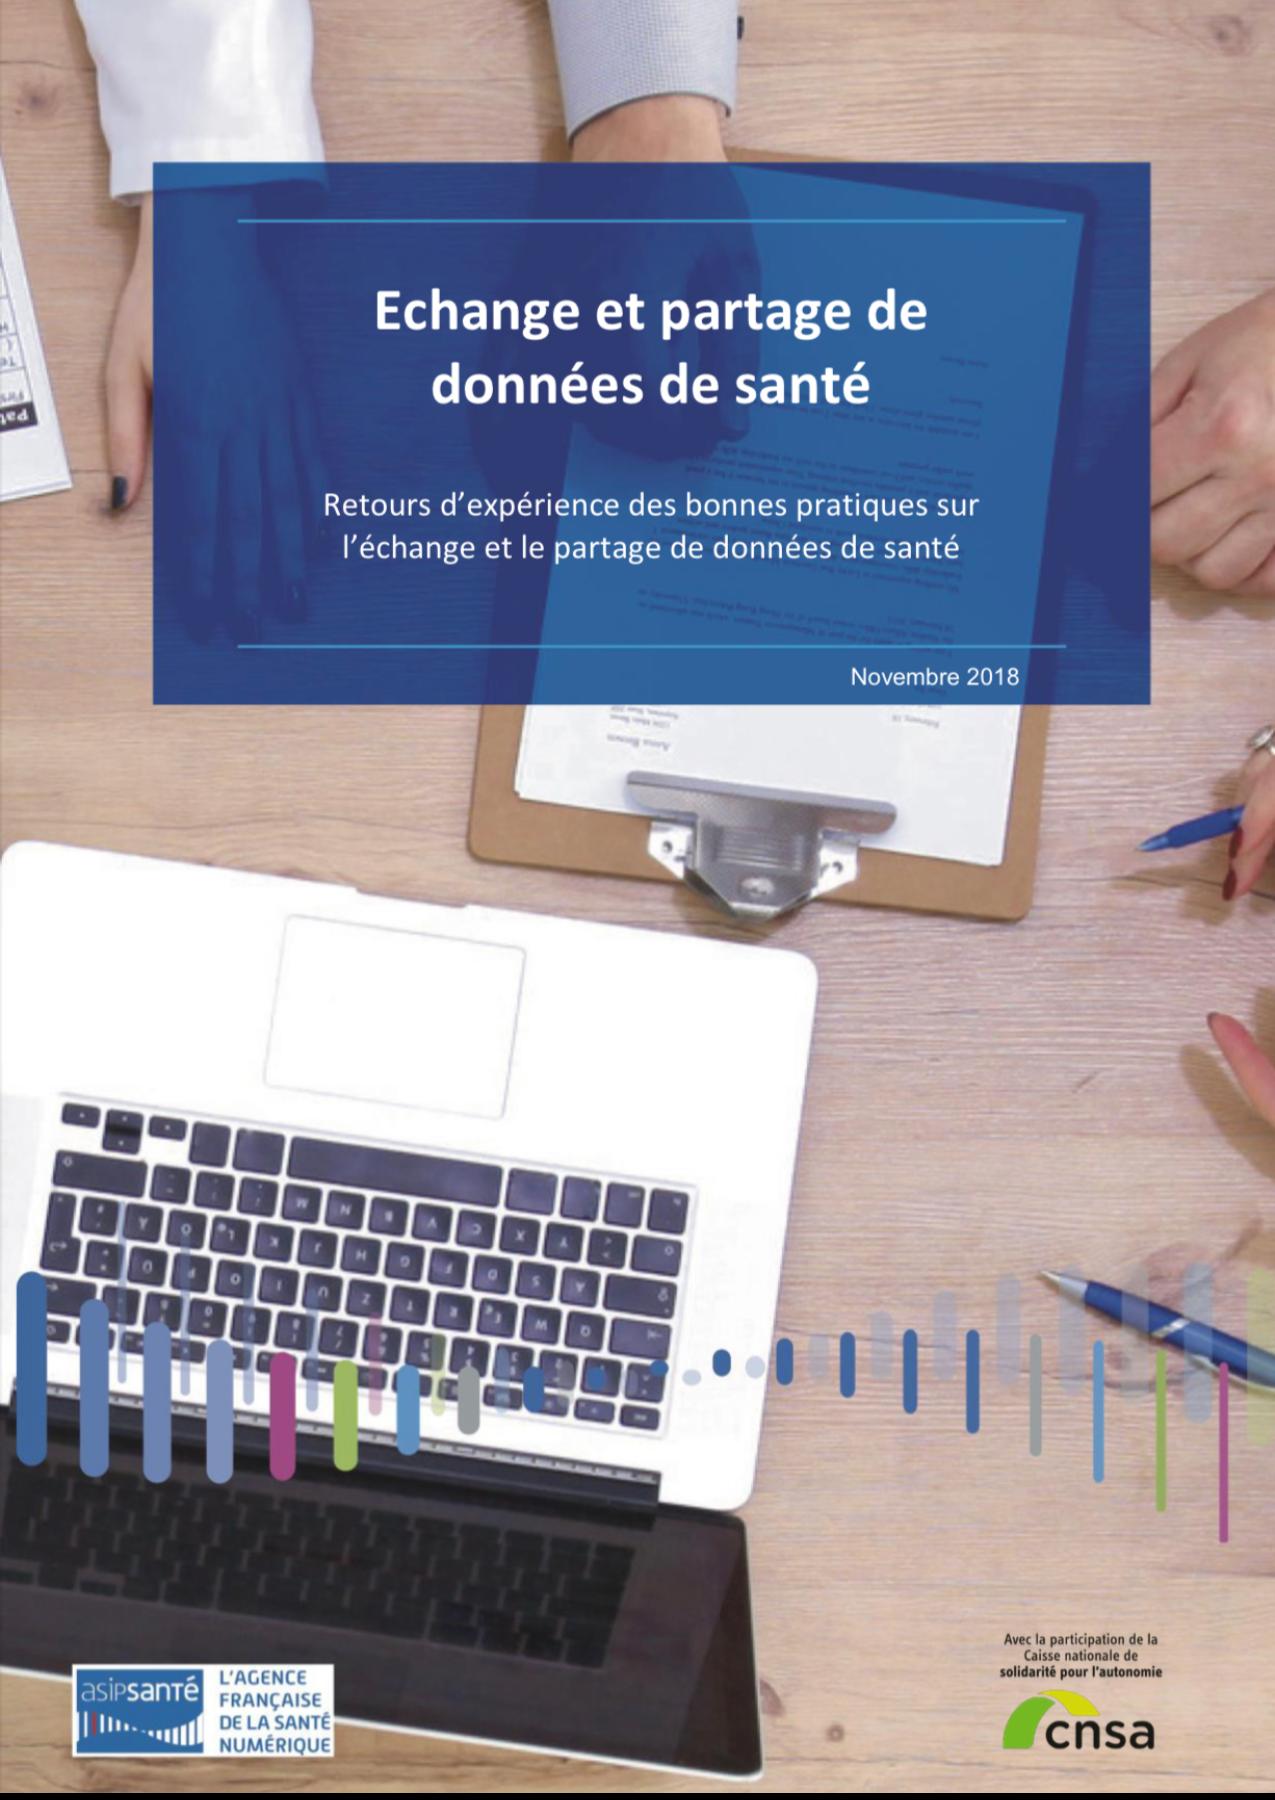 Echange et partage de données de santé Retours d'expérience des bonnes pratiques sur l'échange et le partage de données de santé